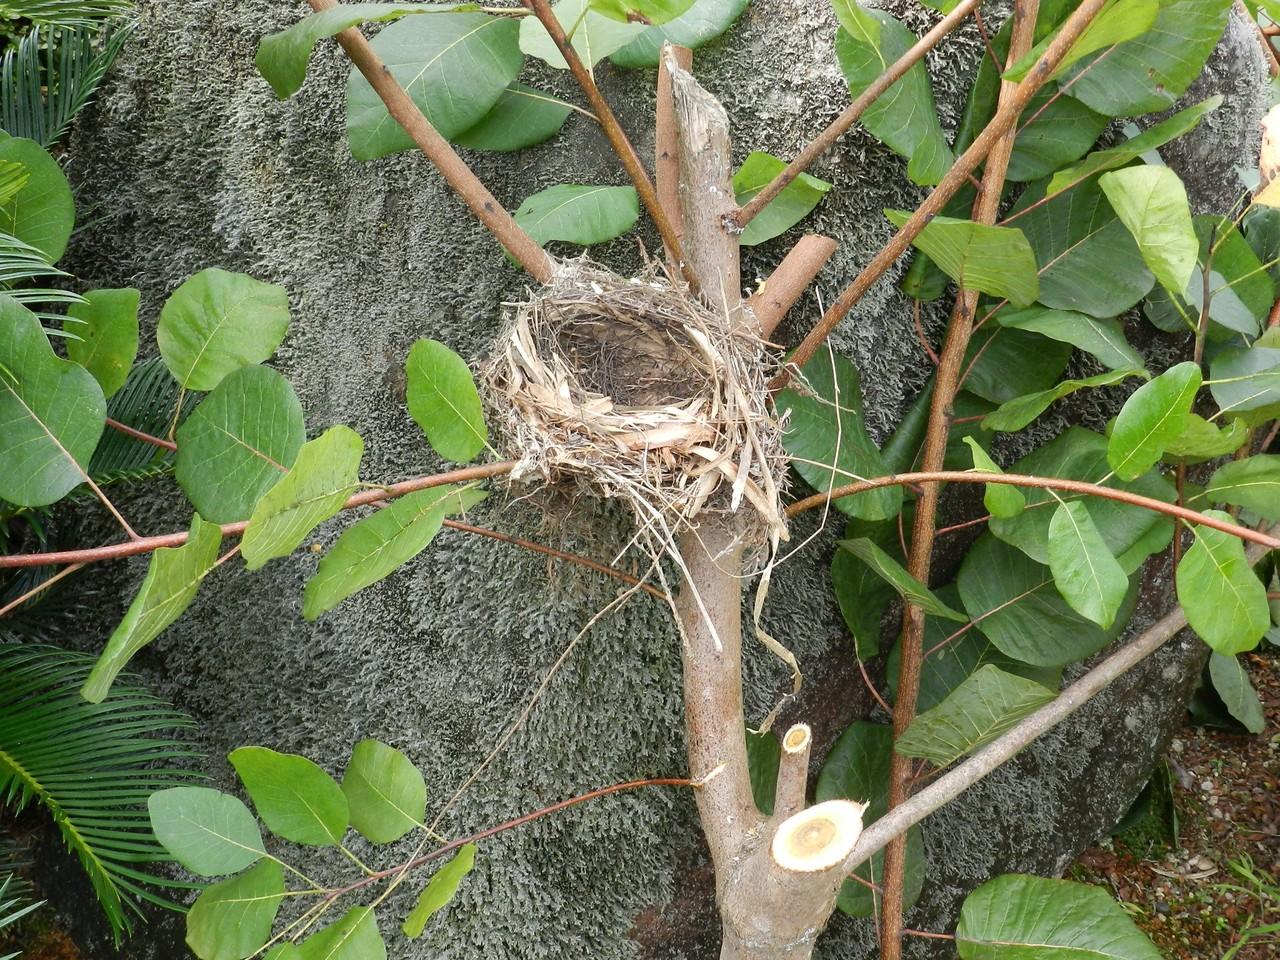 六方たんぼのコウノトリ便り野鳥の巣                Oka Osamu